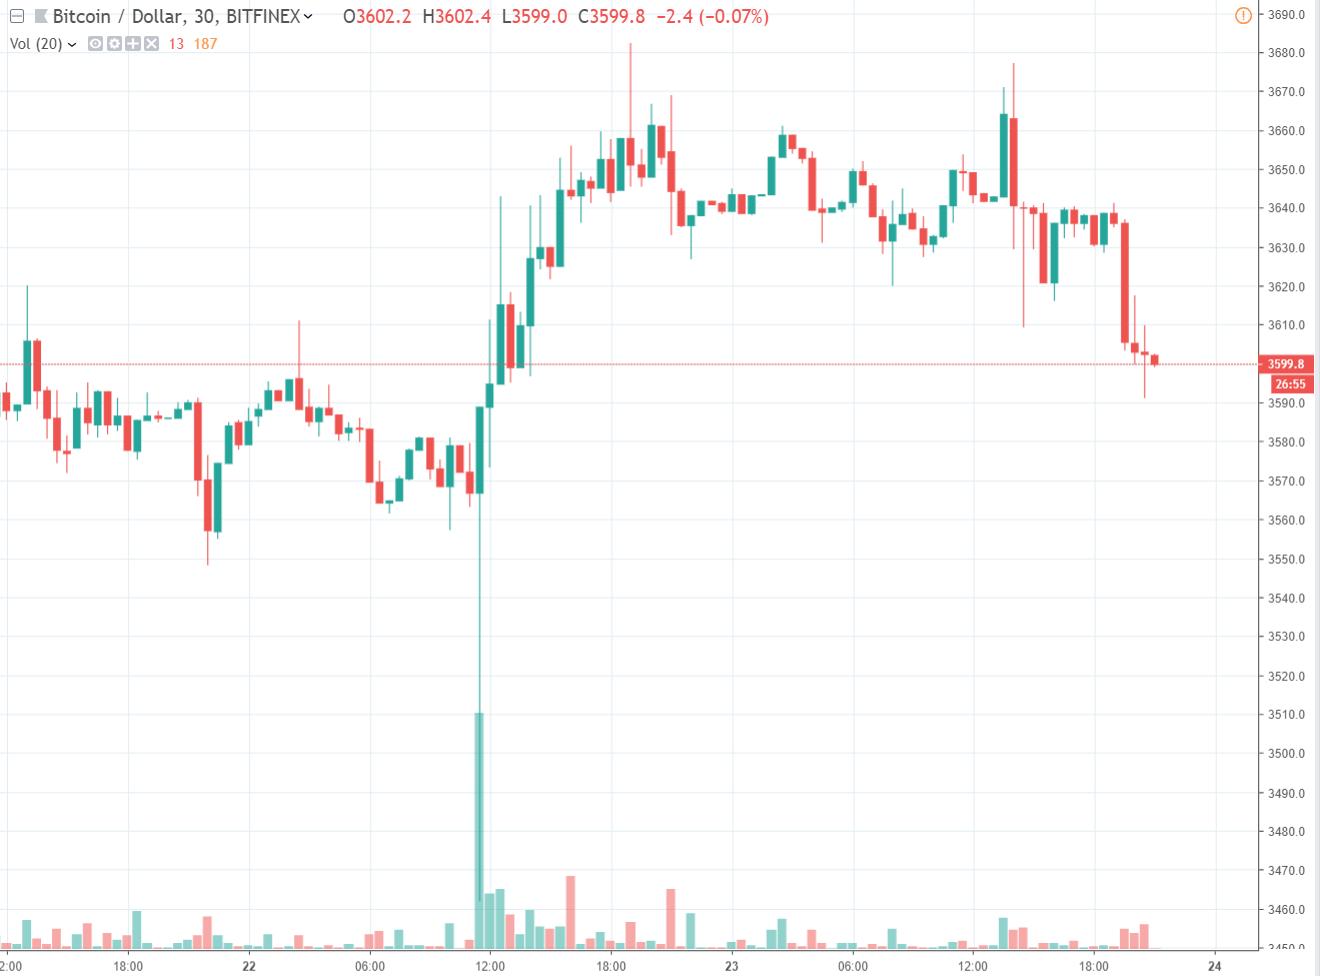 30 min BTC/USD - Bitfinex